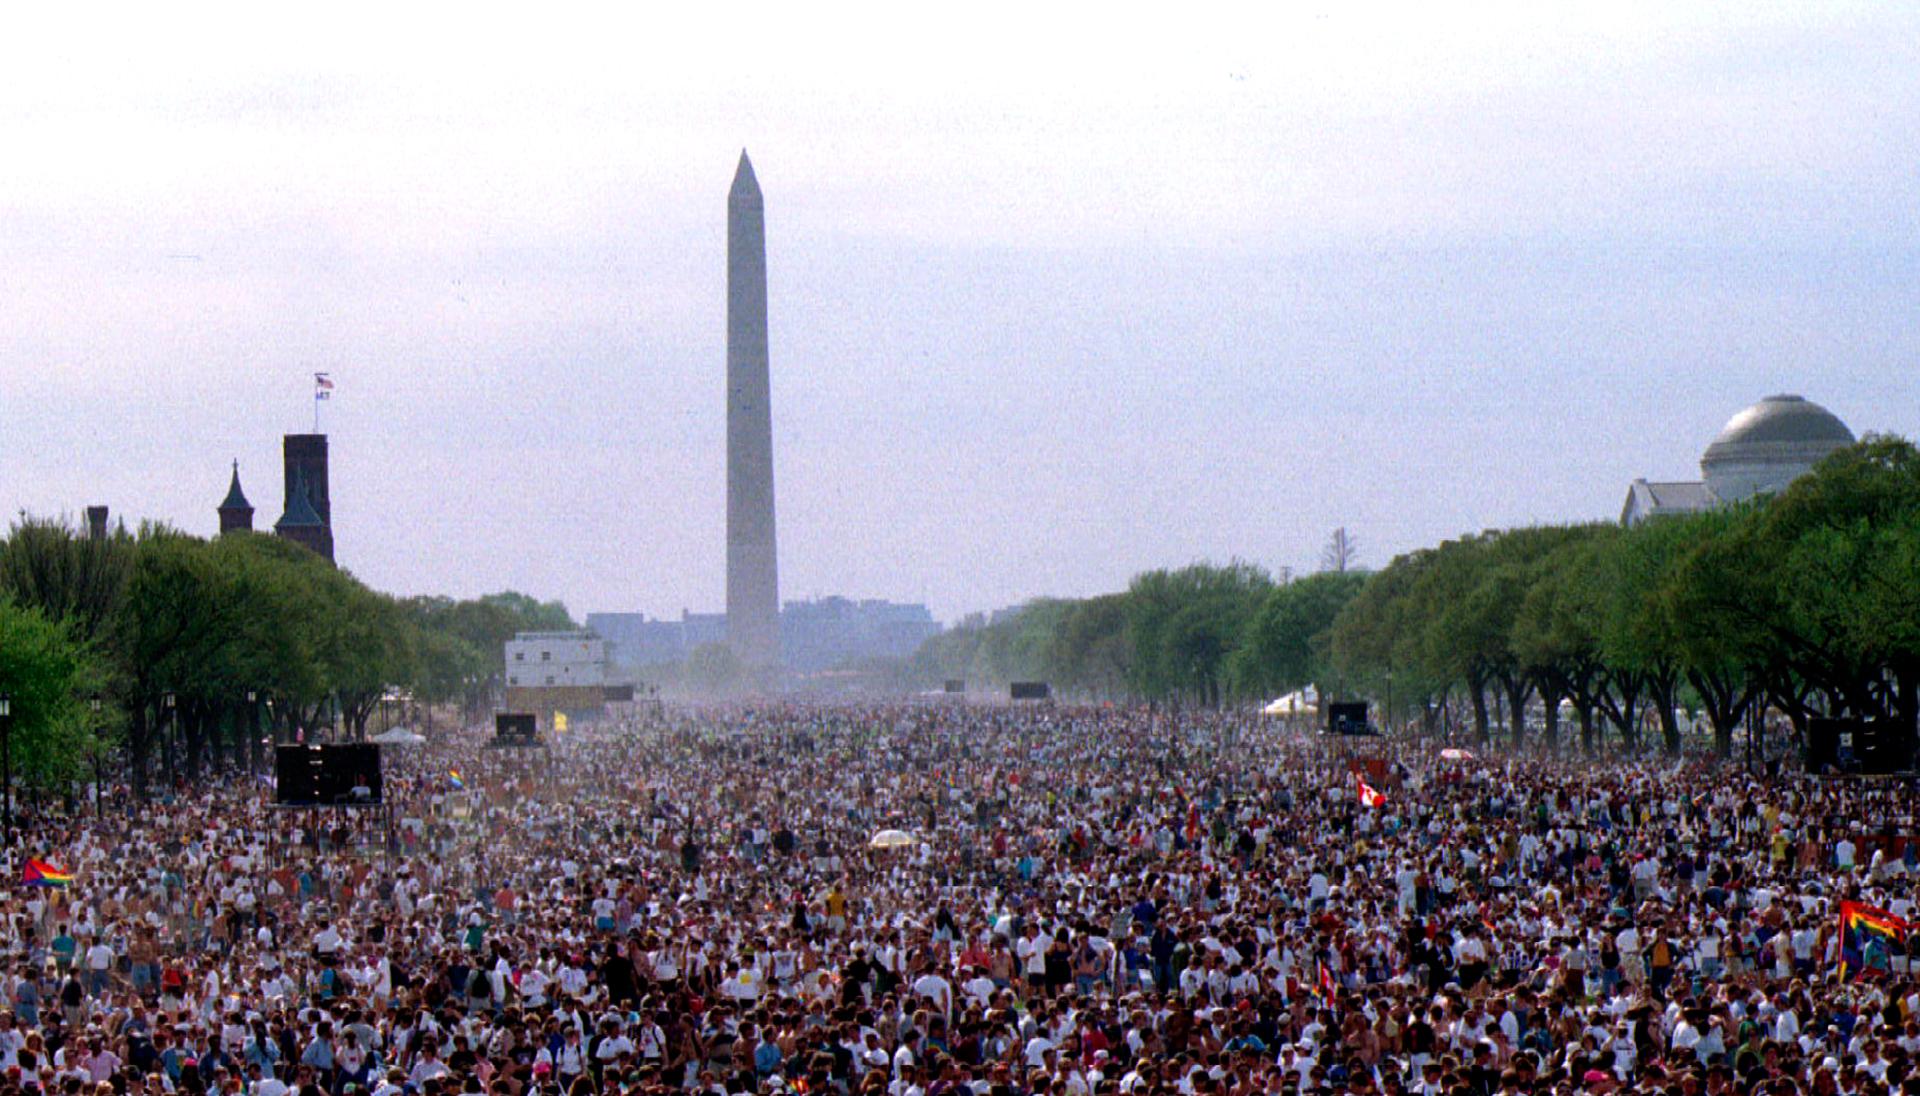 El 25 de abril de 1993, más de un millón de personas se juntó para la Marcha en Washington por los Derechos de las Lesbianas y los Gays ante la ley